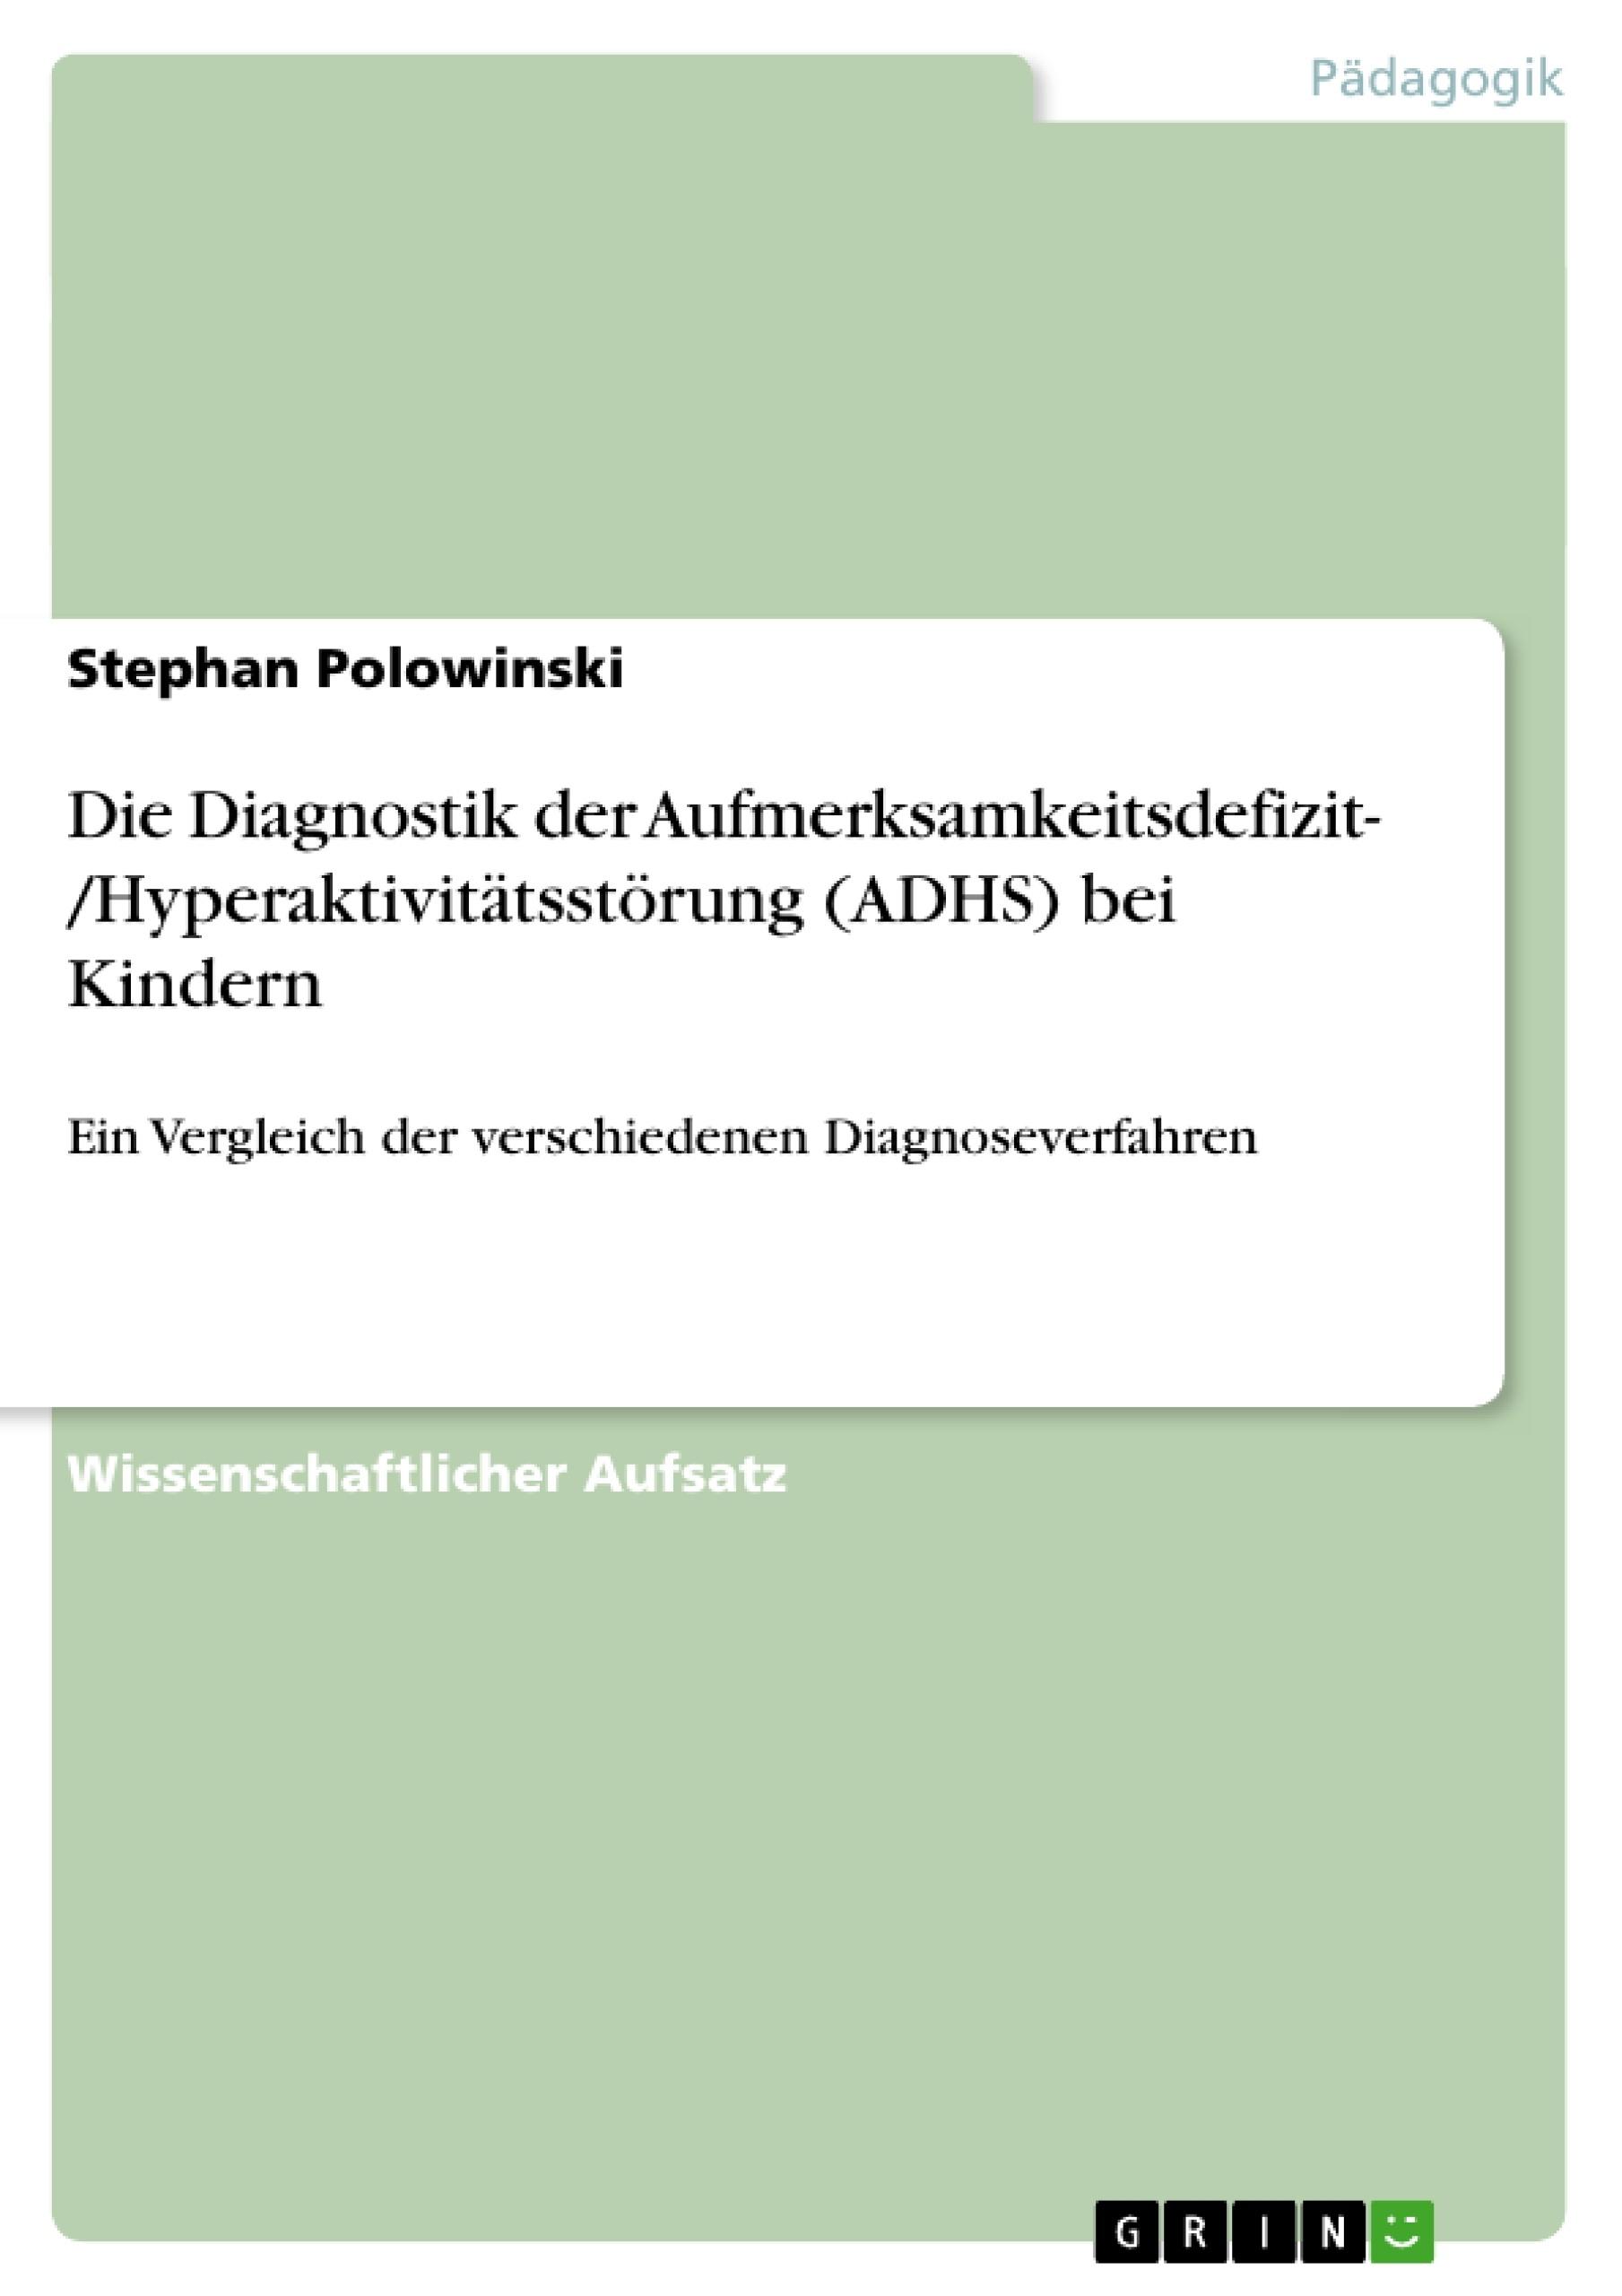 Titel: Die Diagnostik der Aufmerksamkeitsdefizit- /Hyperaktivitätsstörung (ADHS) bei Kindern